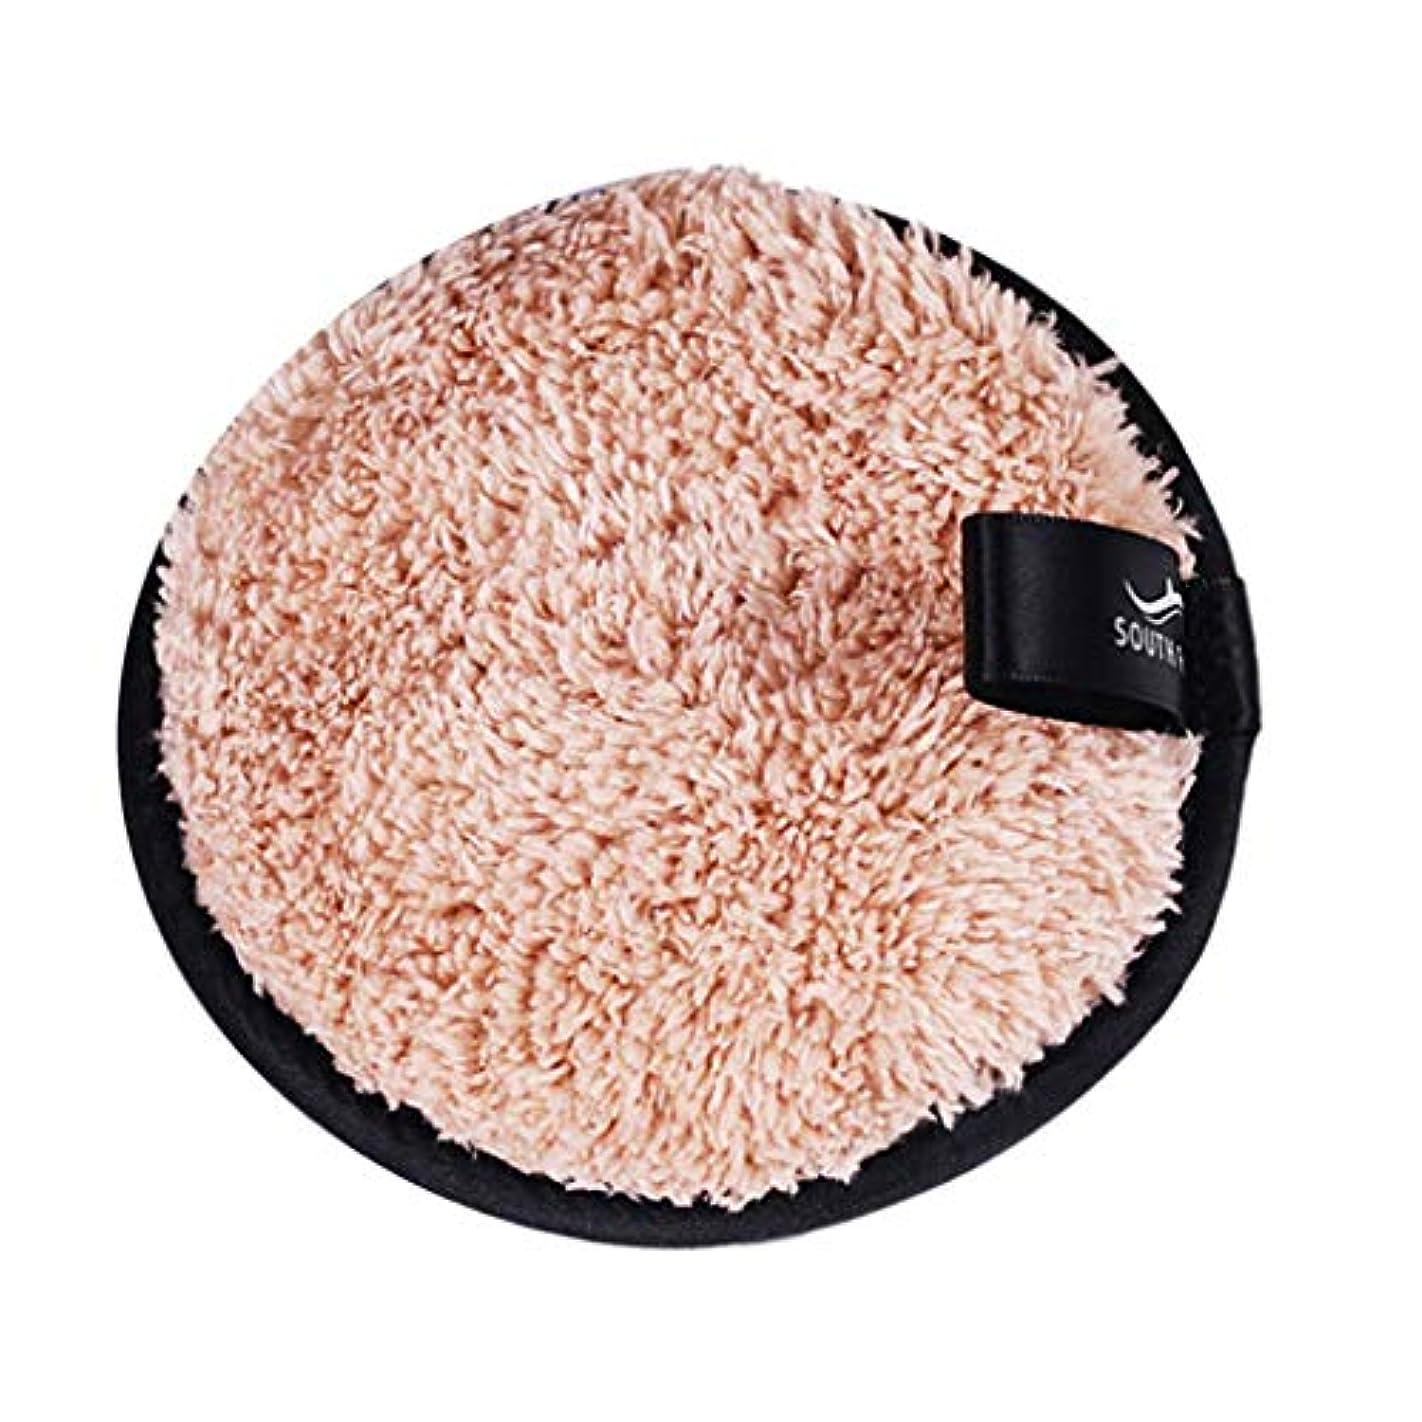 期間ヒューム明確にメイクリムーバーパッド 化粧品 フェイシャル クレンジング パフ スポンジ 3色選べ - 褐色